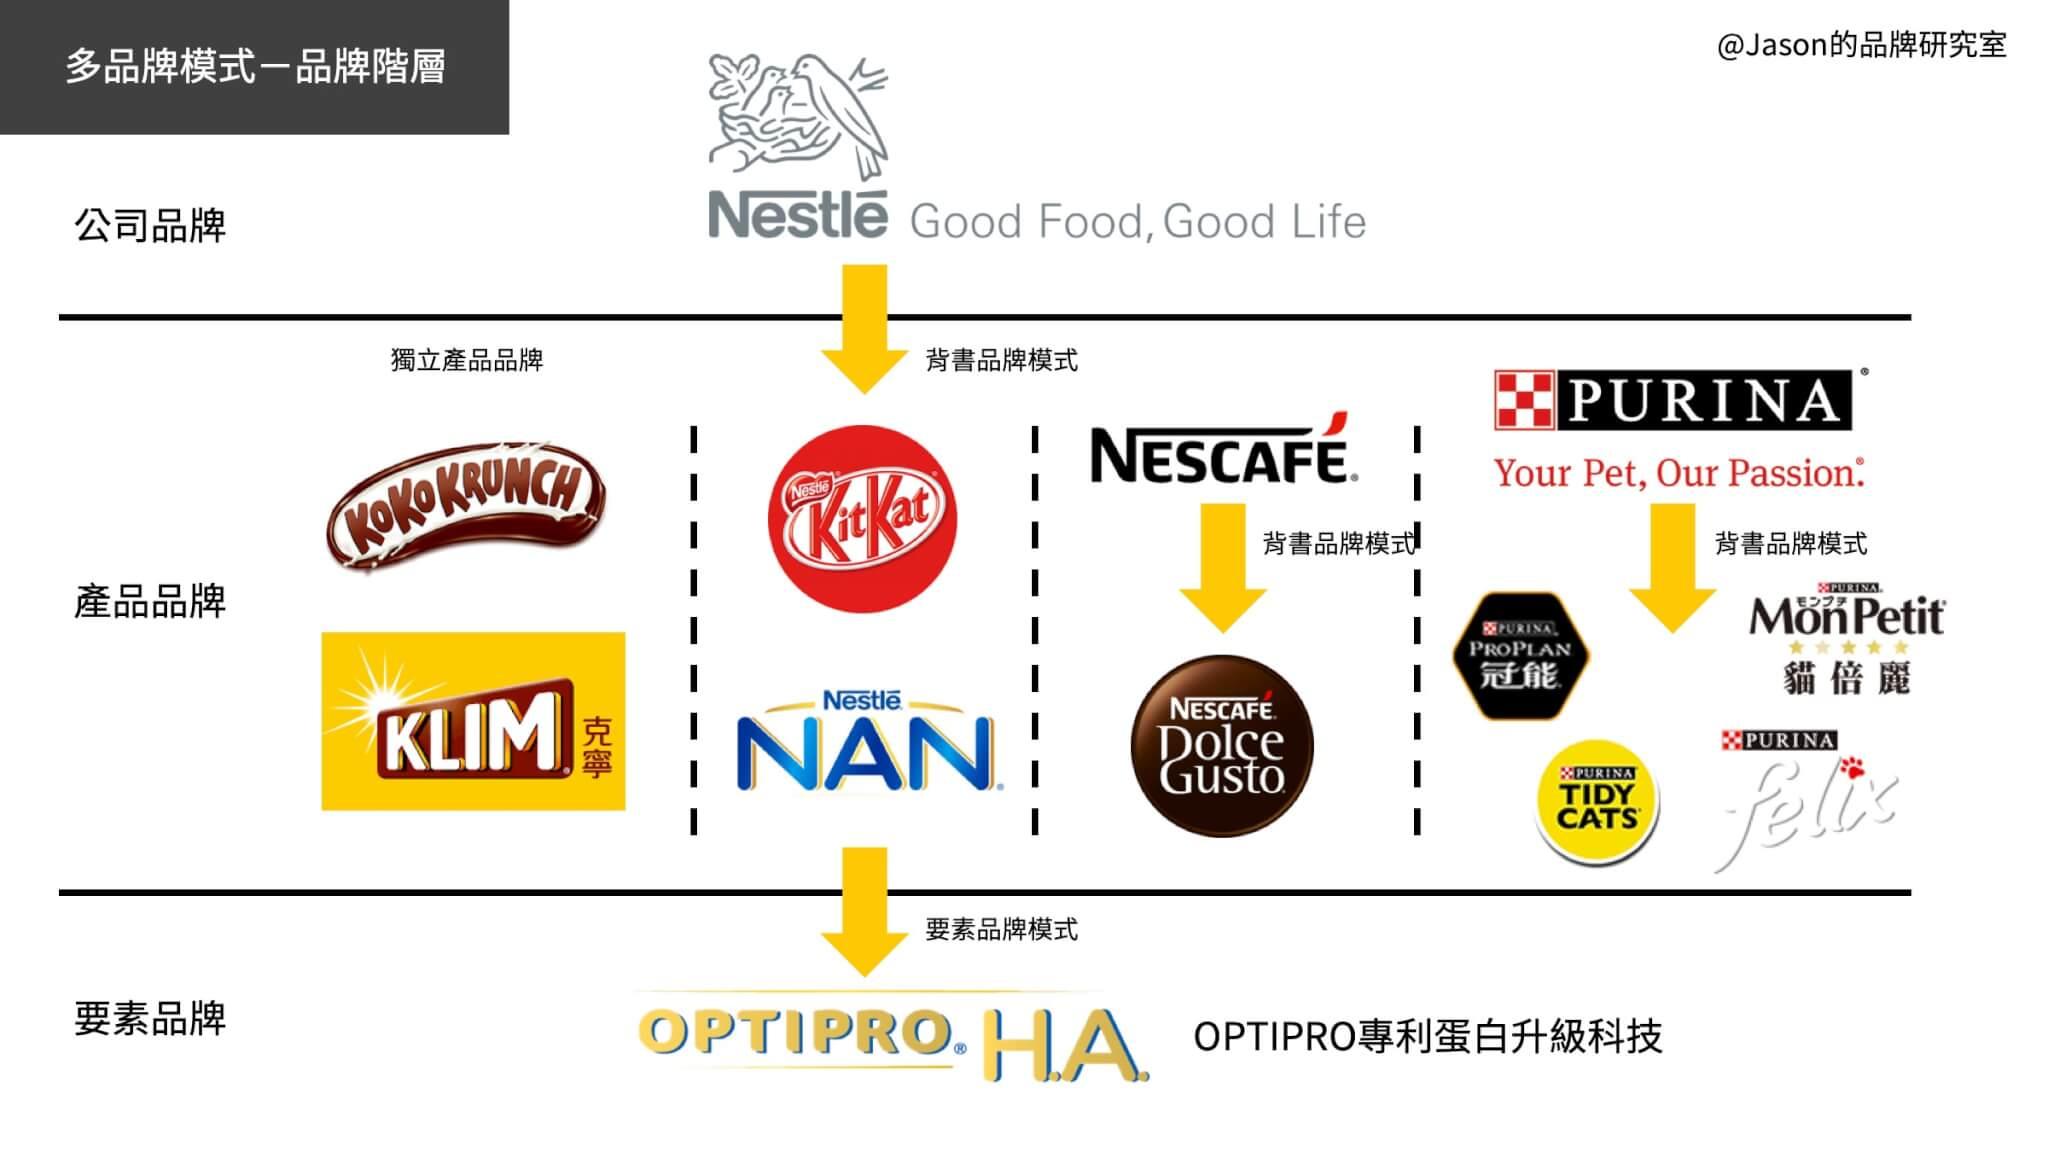 雀巢的多品牌模式